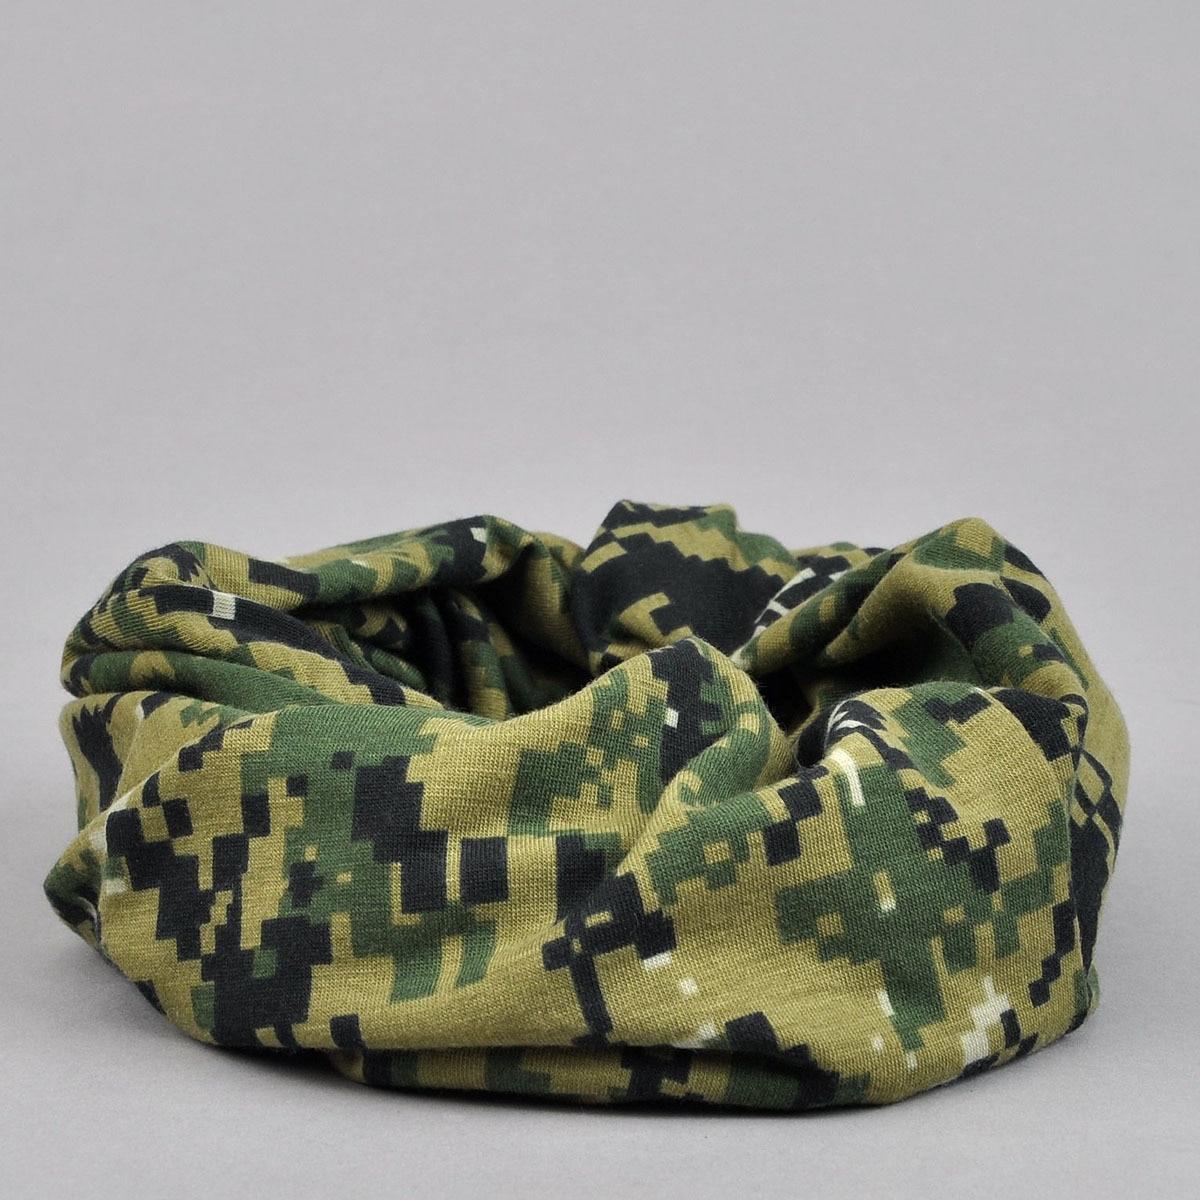 COKK-Turban-Chapeau-Camouflage-Beanie-Bas-Chapeaux-Pour- 71a47f26d3b